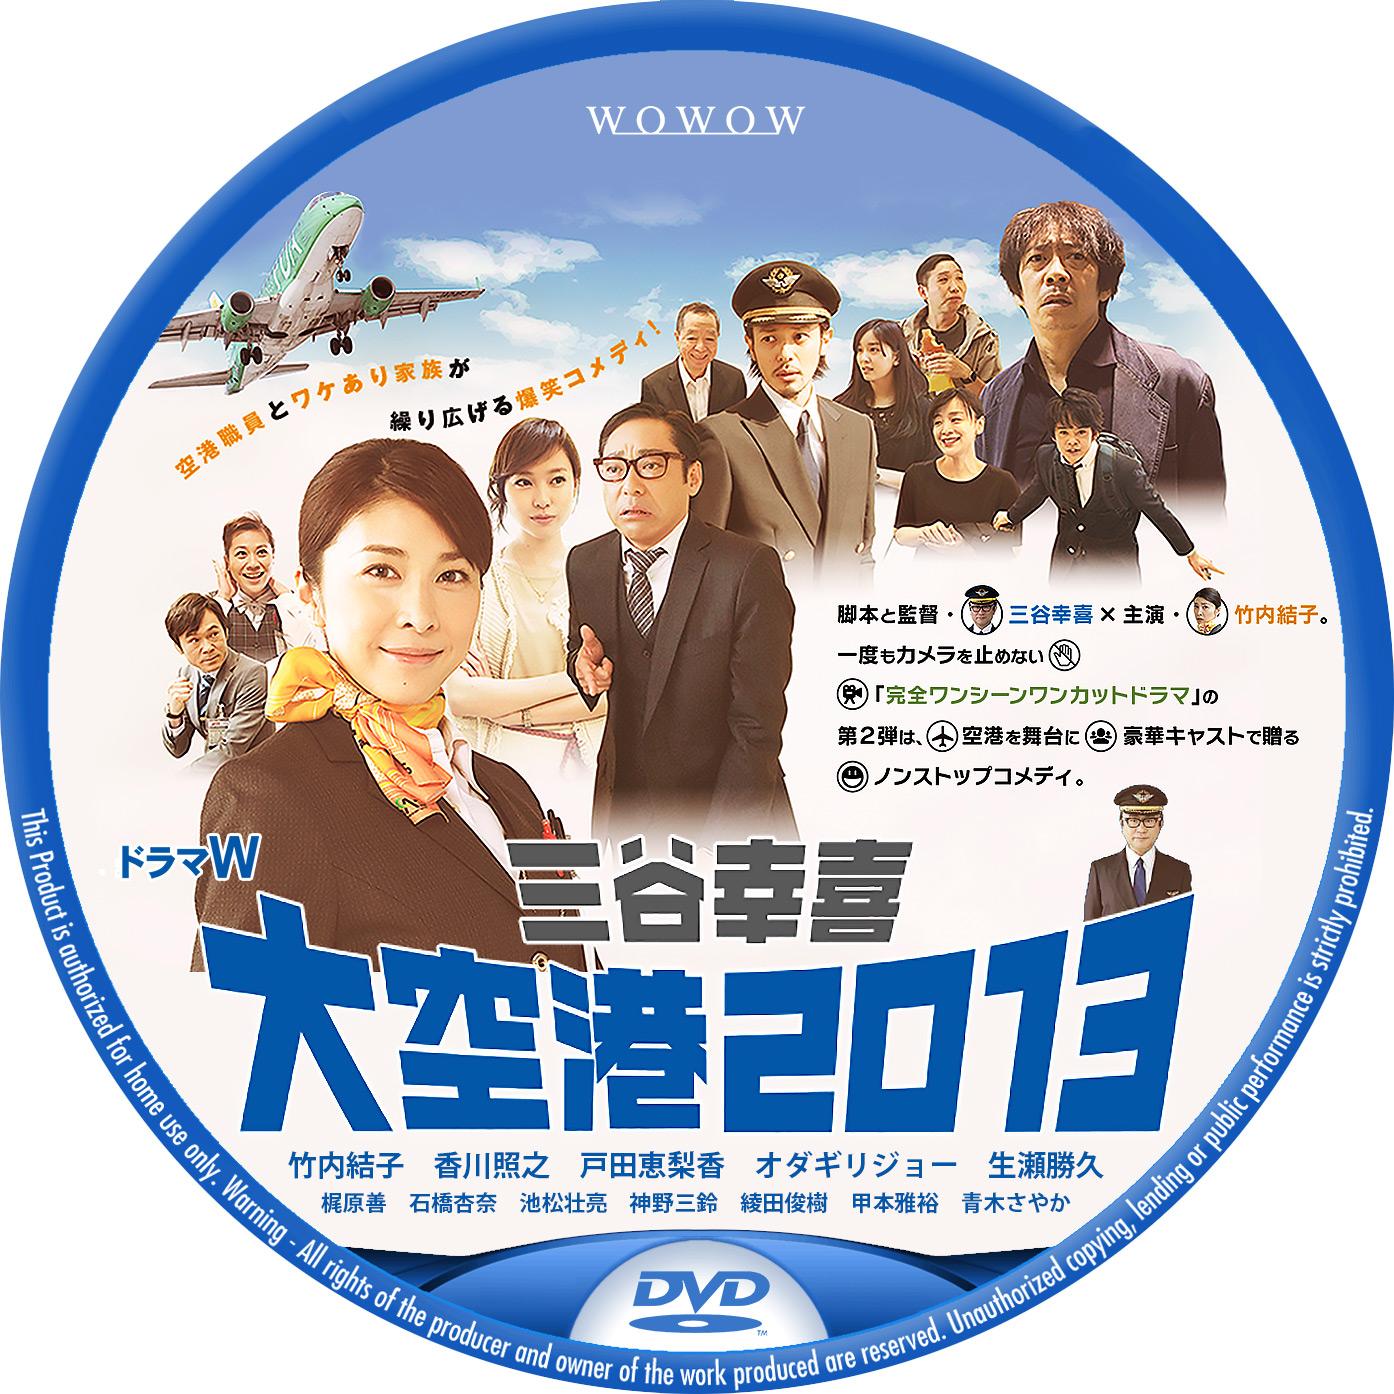 三谷幸喜 WOWOW DVDラベル